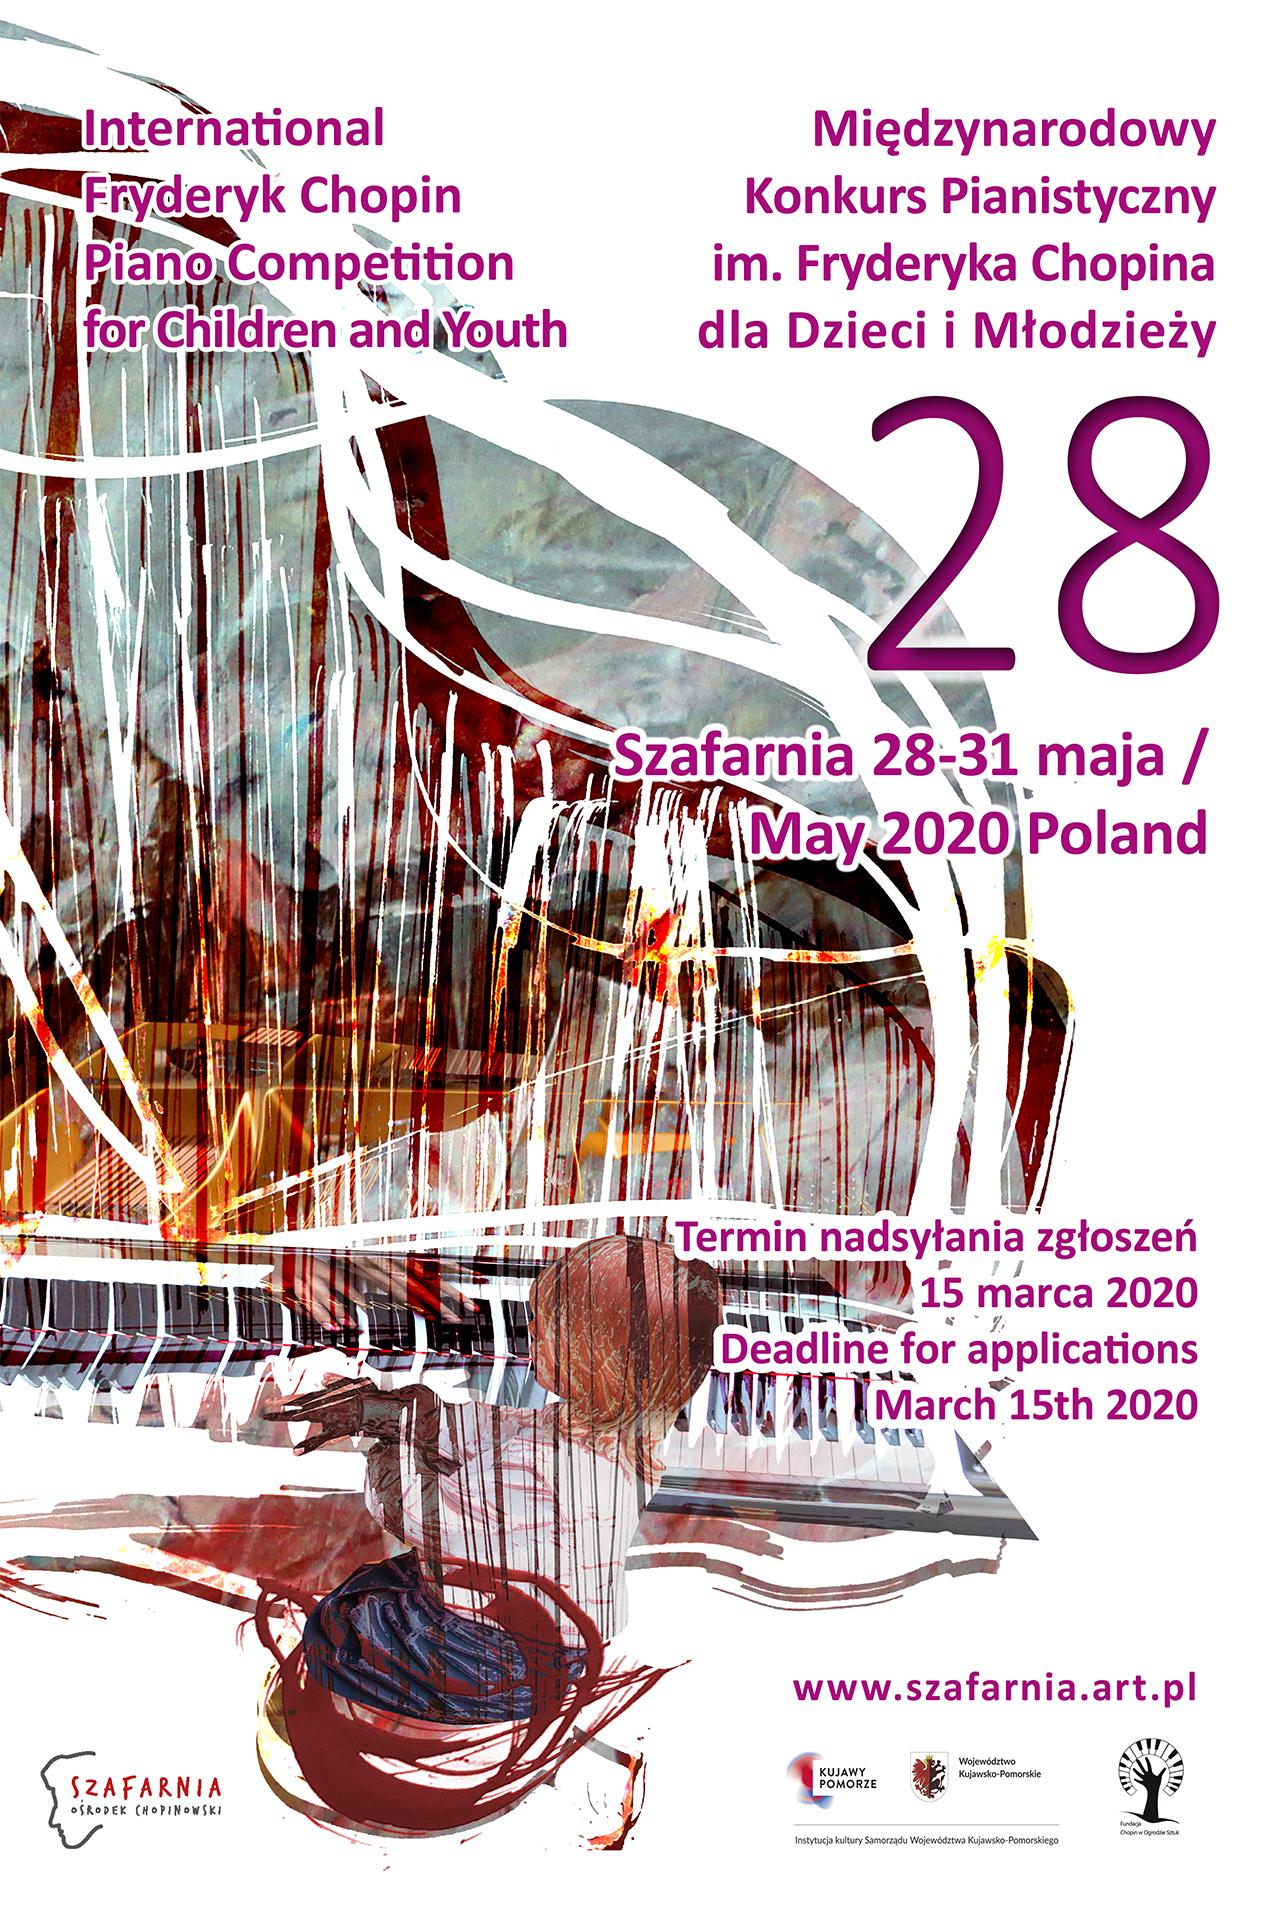 http://www.szafarnia.art.pl/wp-content/uploads/2019/11/plakat-A3_2020_2-3.jpg